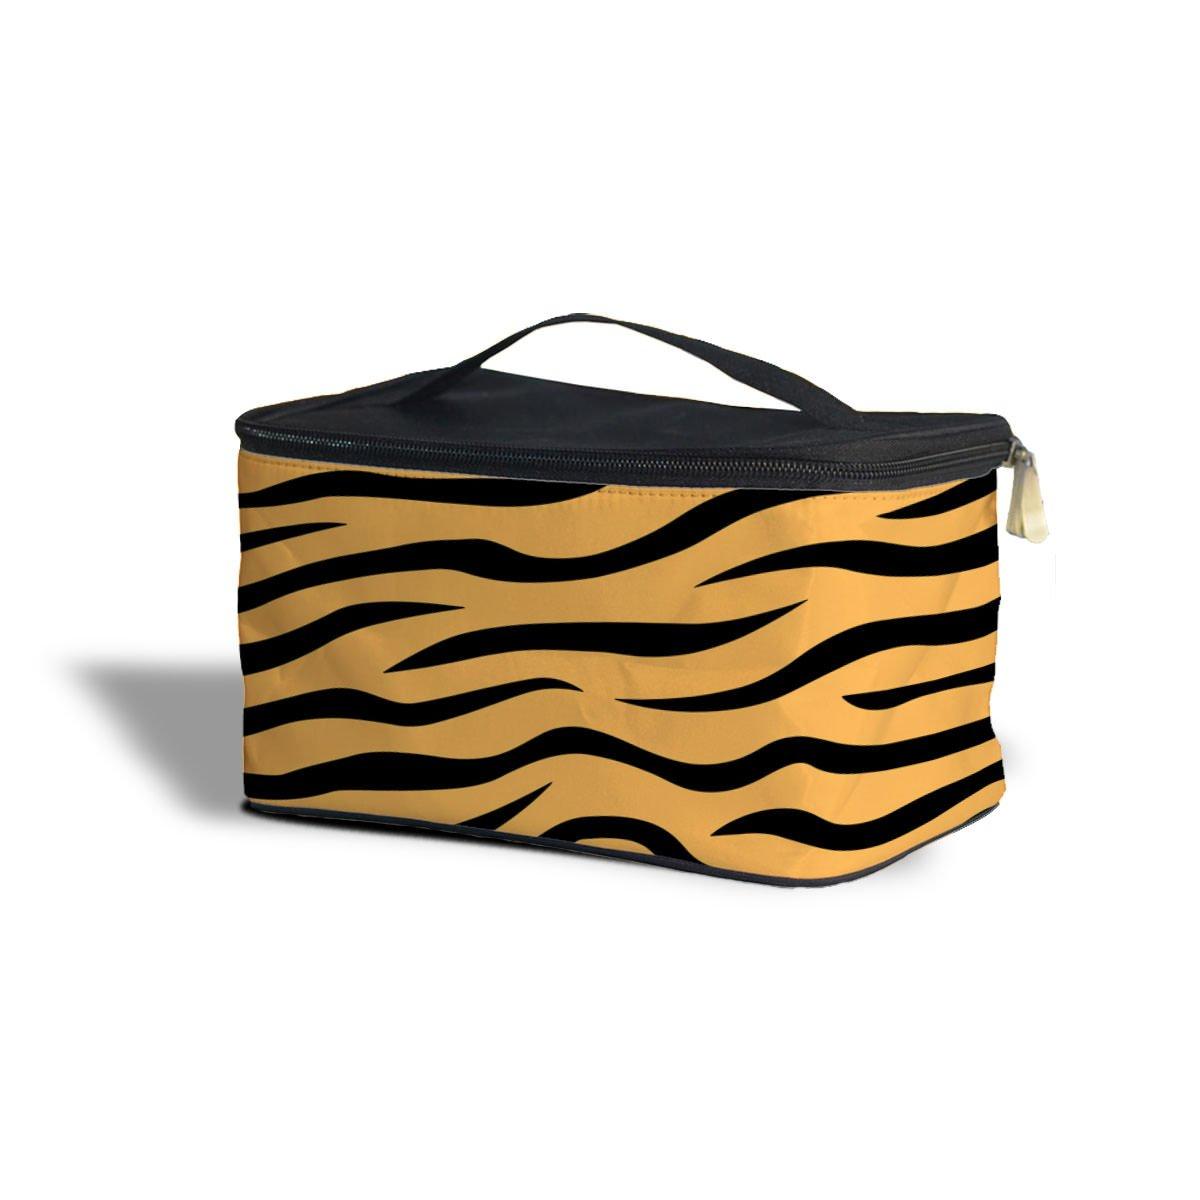 驚きの値段 Zebra Print化粧品ストレージケース – メイクアップZipped Travelバッグ One Case Size Cosmetics B074XCBFZ7 Storage Size Case オレンジ QoC000806-orange-csb B074XCBFZ7 オレンジ One Size Cosmetics Storage Case, デジコレクション:612cdcf4 --- arianechie.dominiotemporario.com